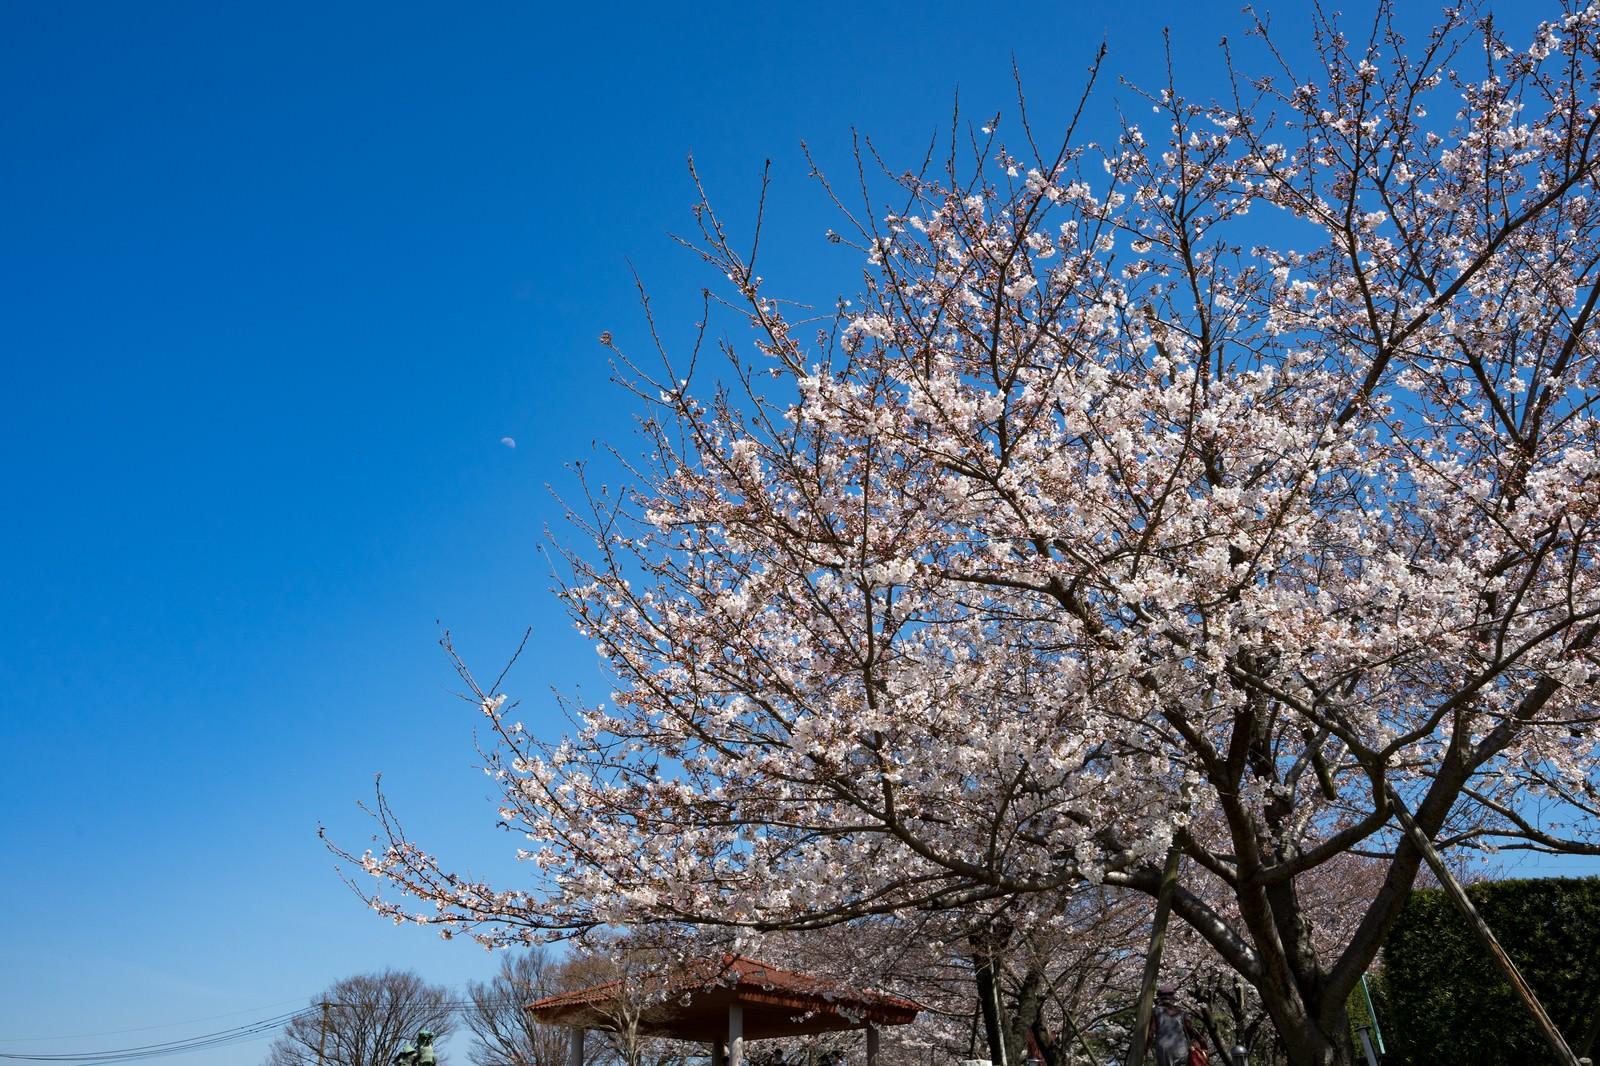 「青空と桜(七分咲き)青空と桜(七分咲き)」のフリー写真素材